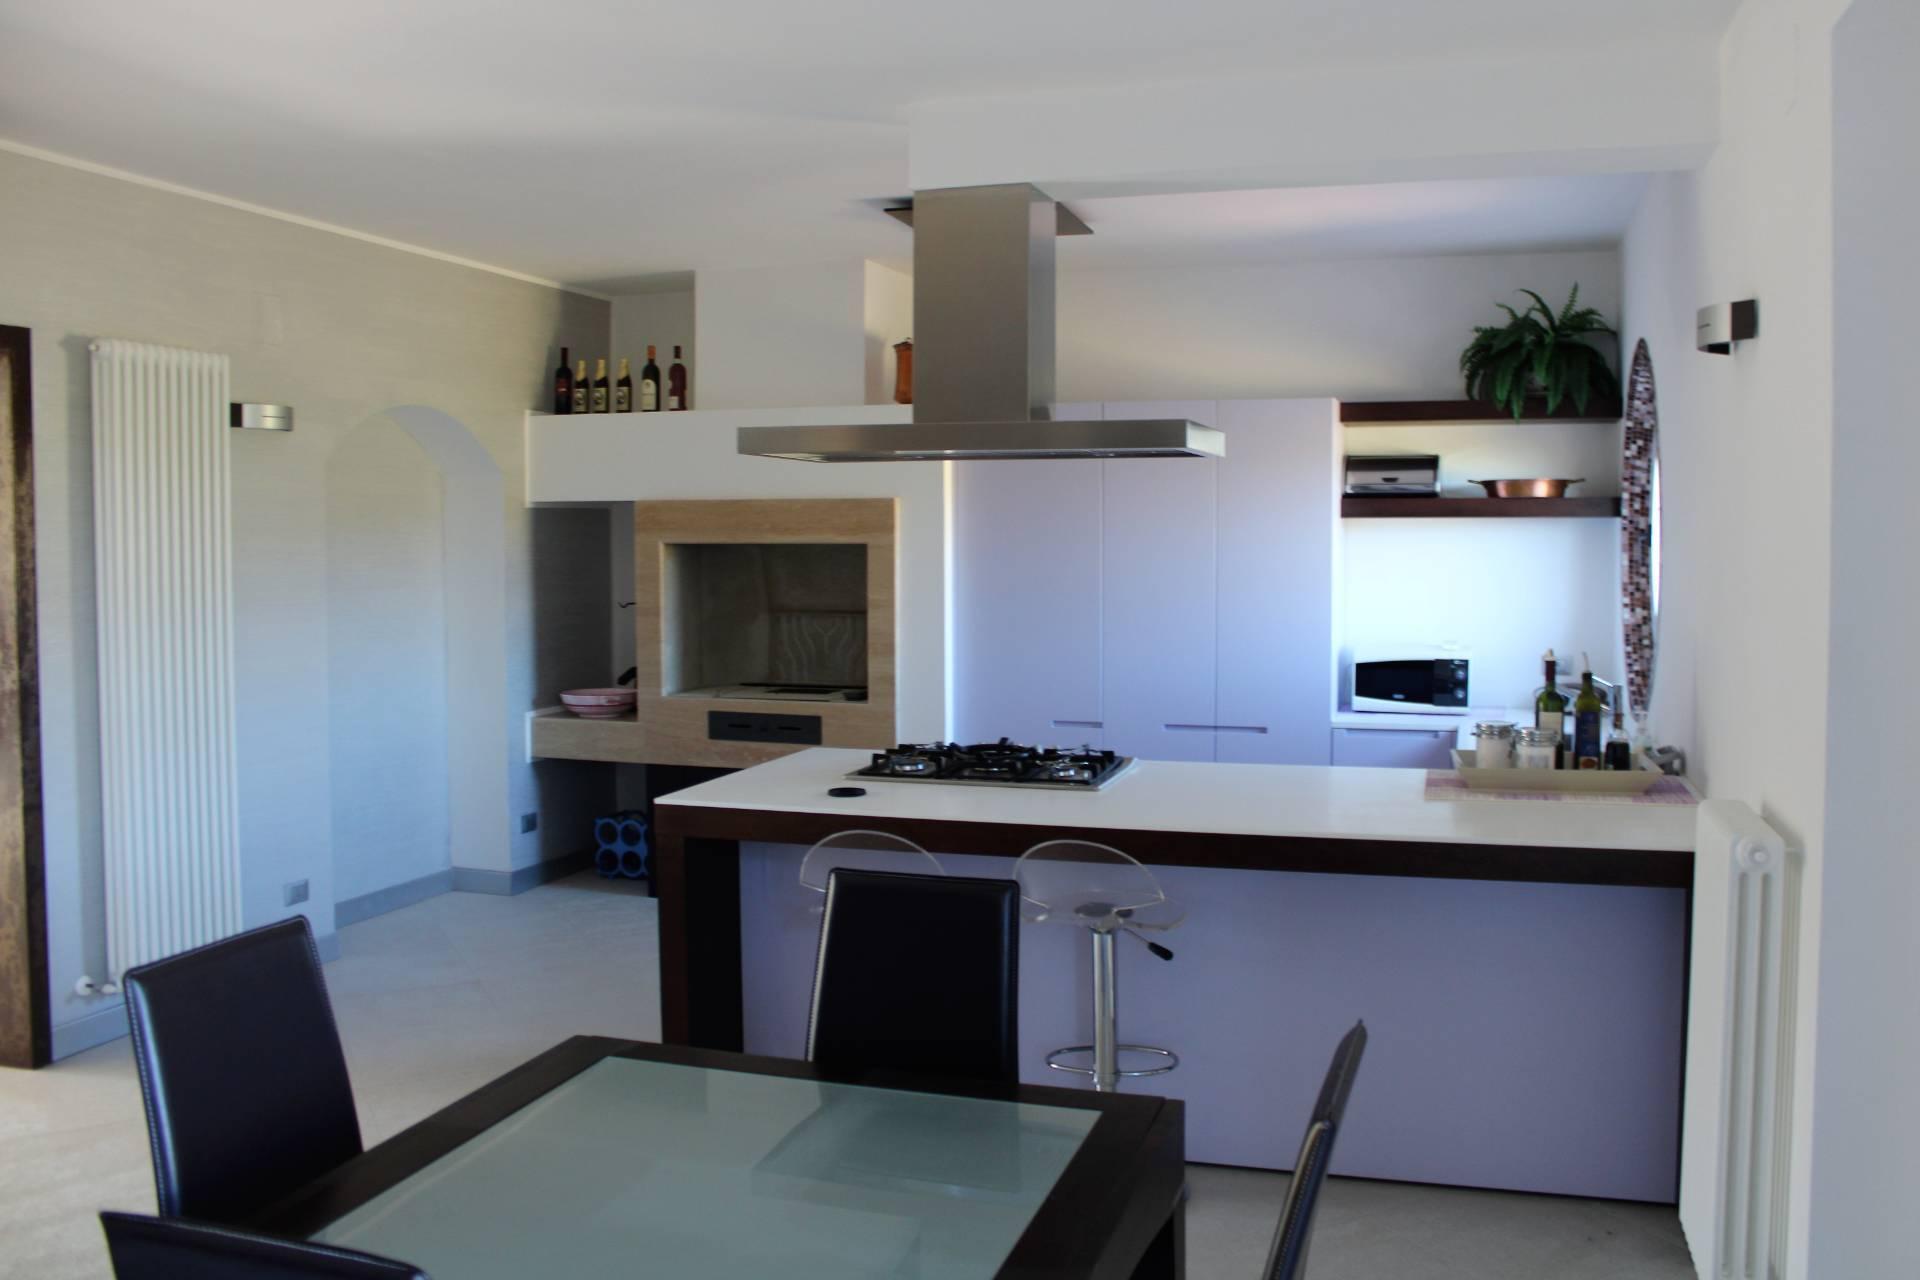 Appartamento in vendita a Folignano, 5 locali, zona Località: PianediMorro, prezzo € 155.000 | PortaleAgenzieImmobiliari.it